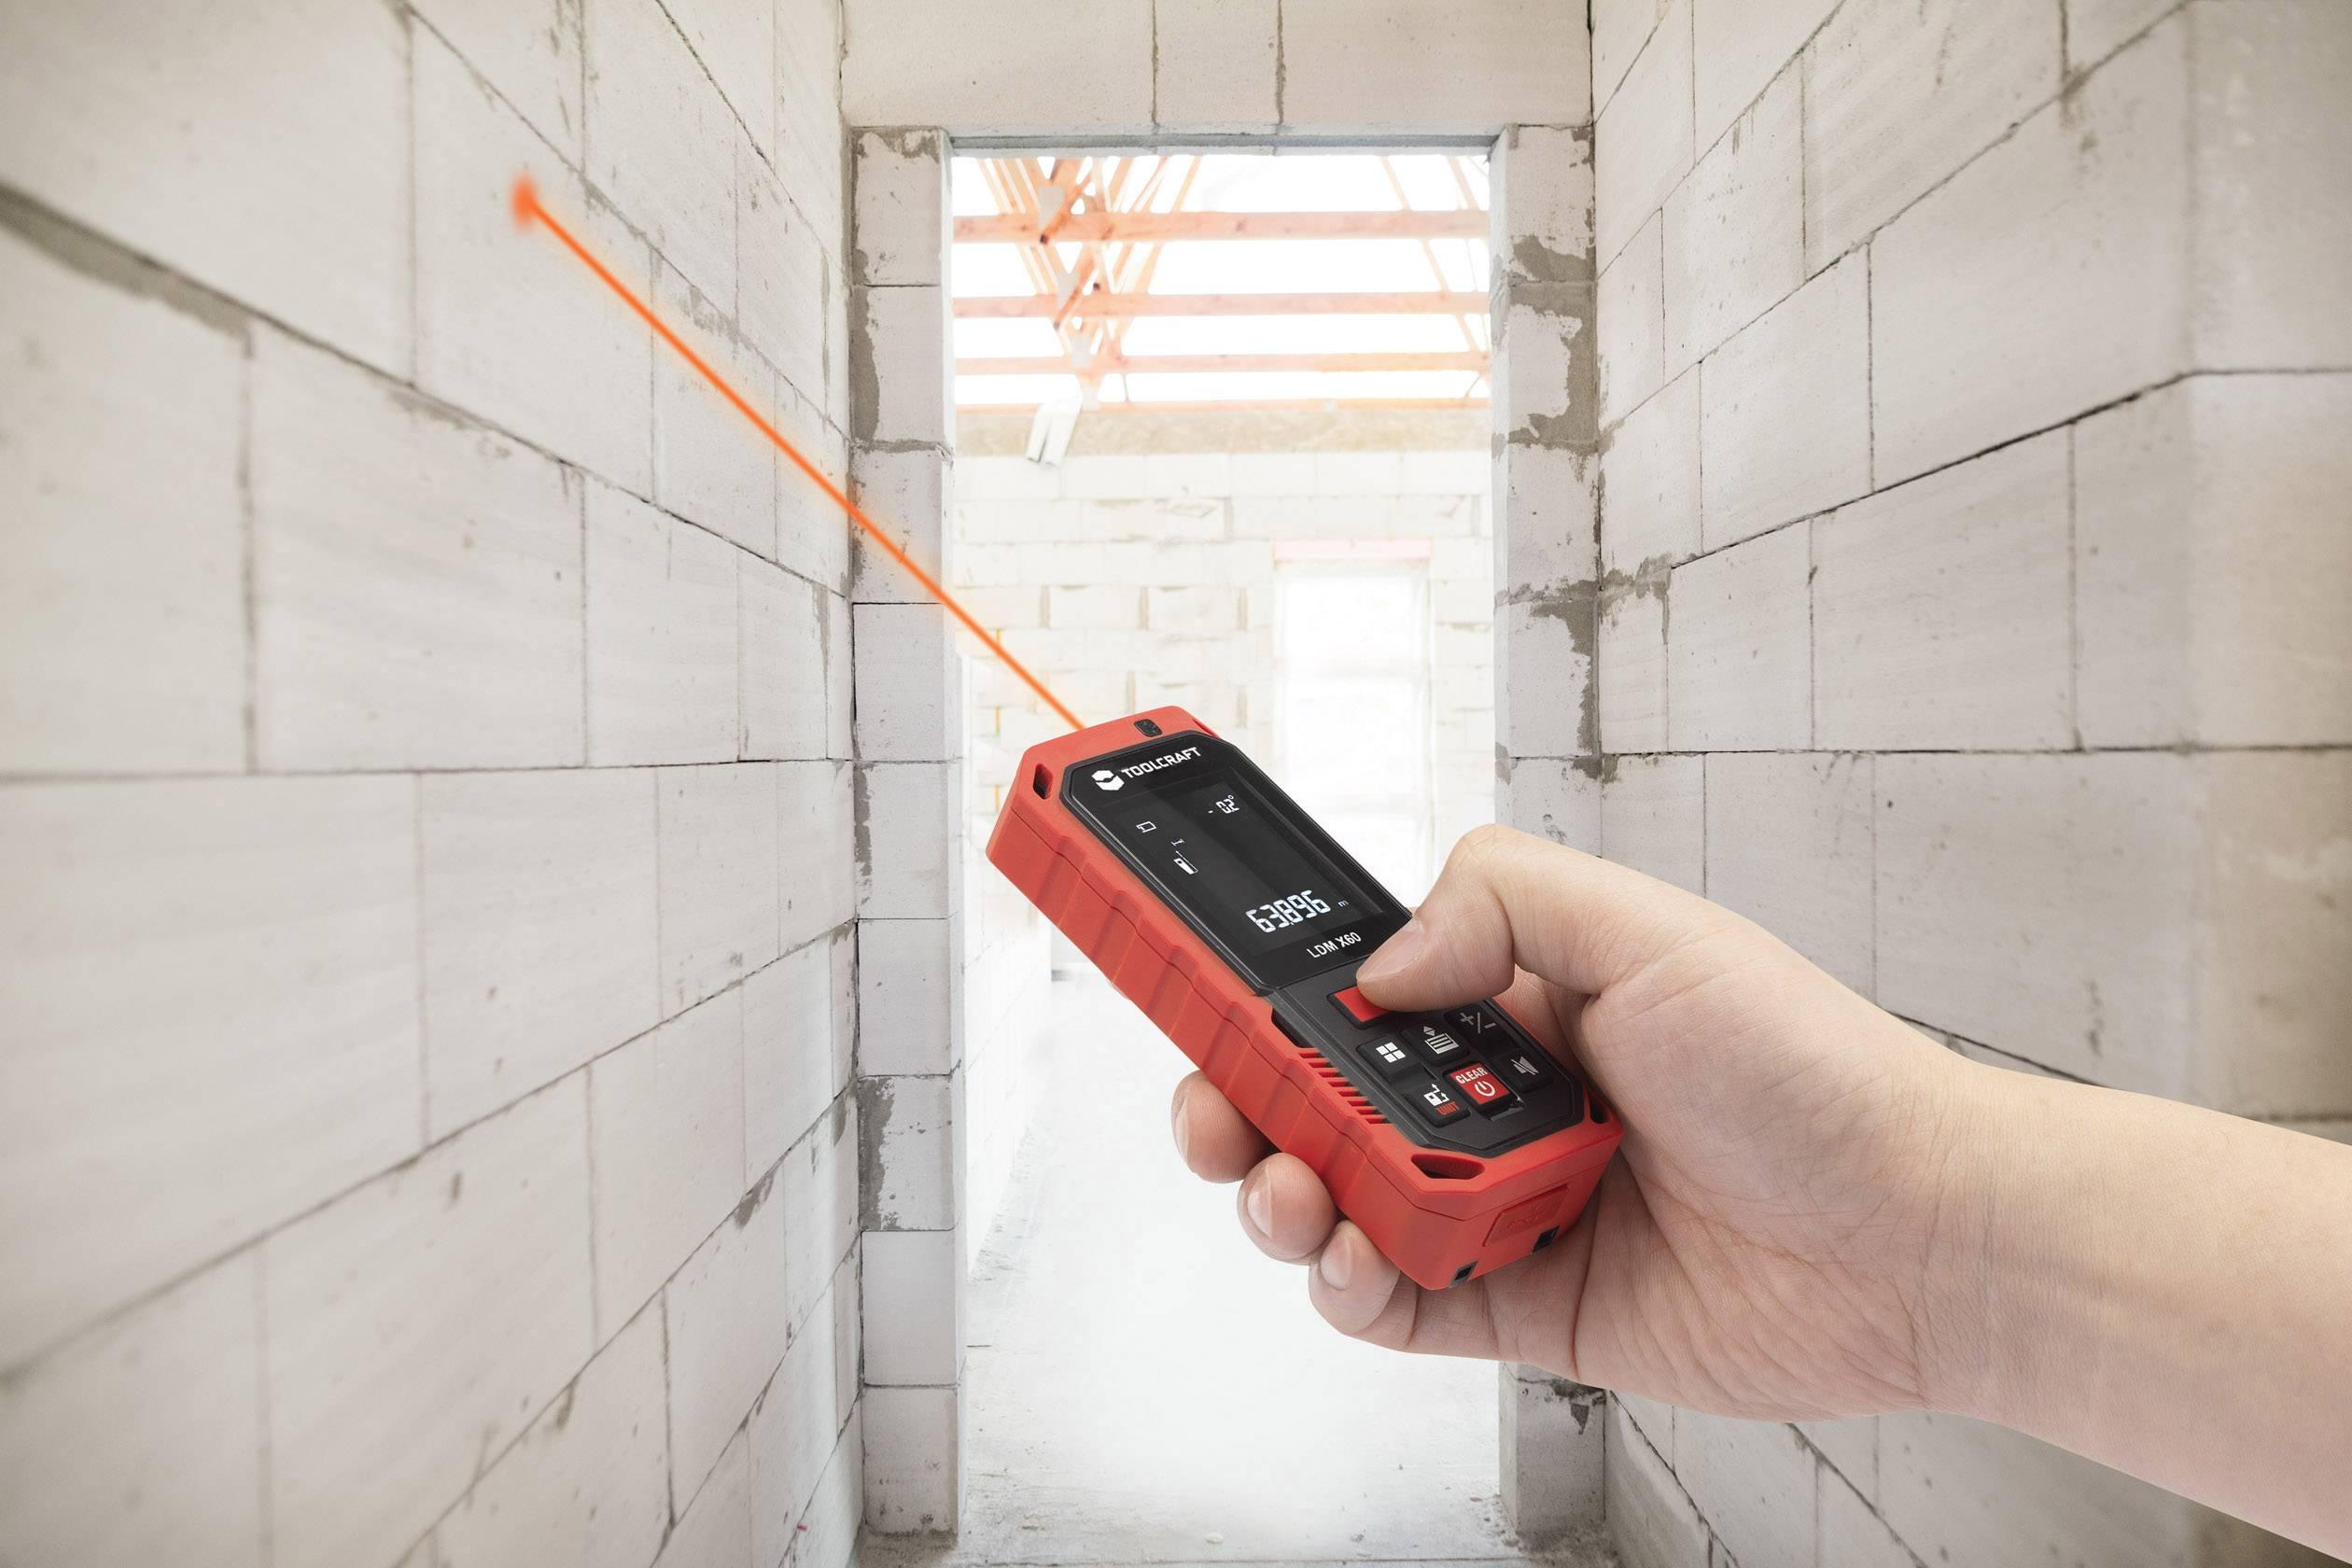 Laser Entfernungsmesser Neigungsmessung : Toolcraft to lmd laser entfernungsmesser messbereich max